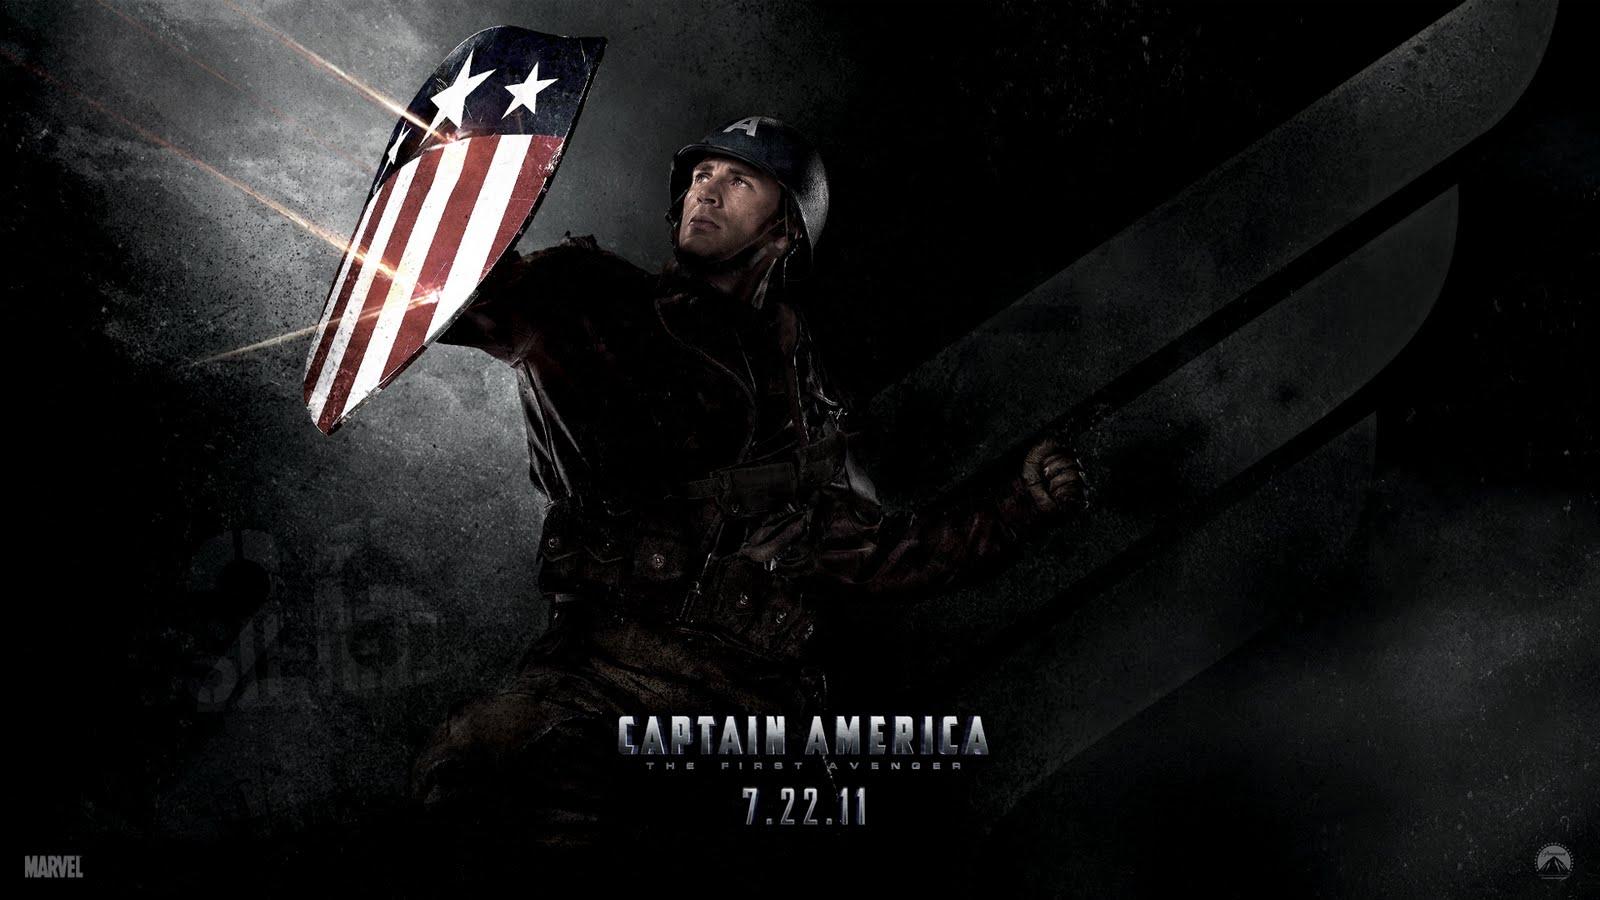 Captain america the first avenger 2017 tsxvid nl subs dmt